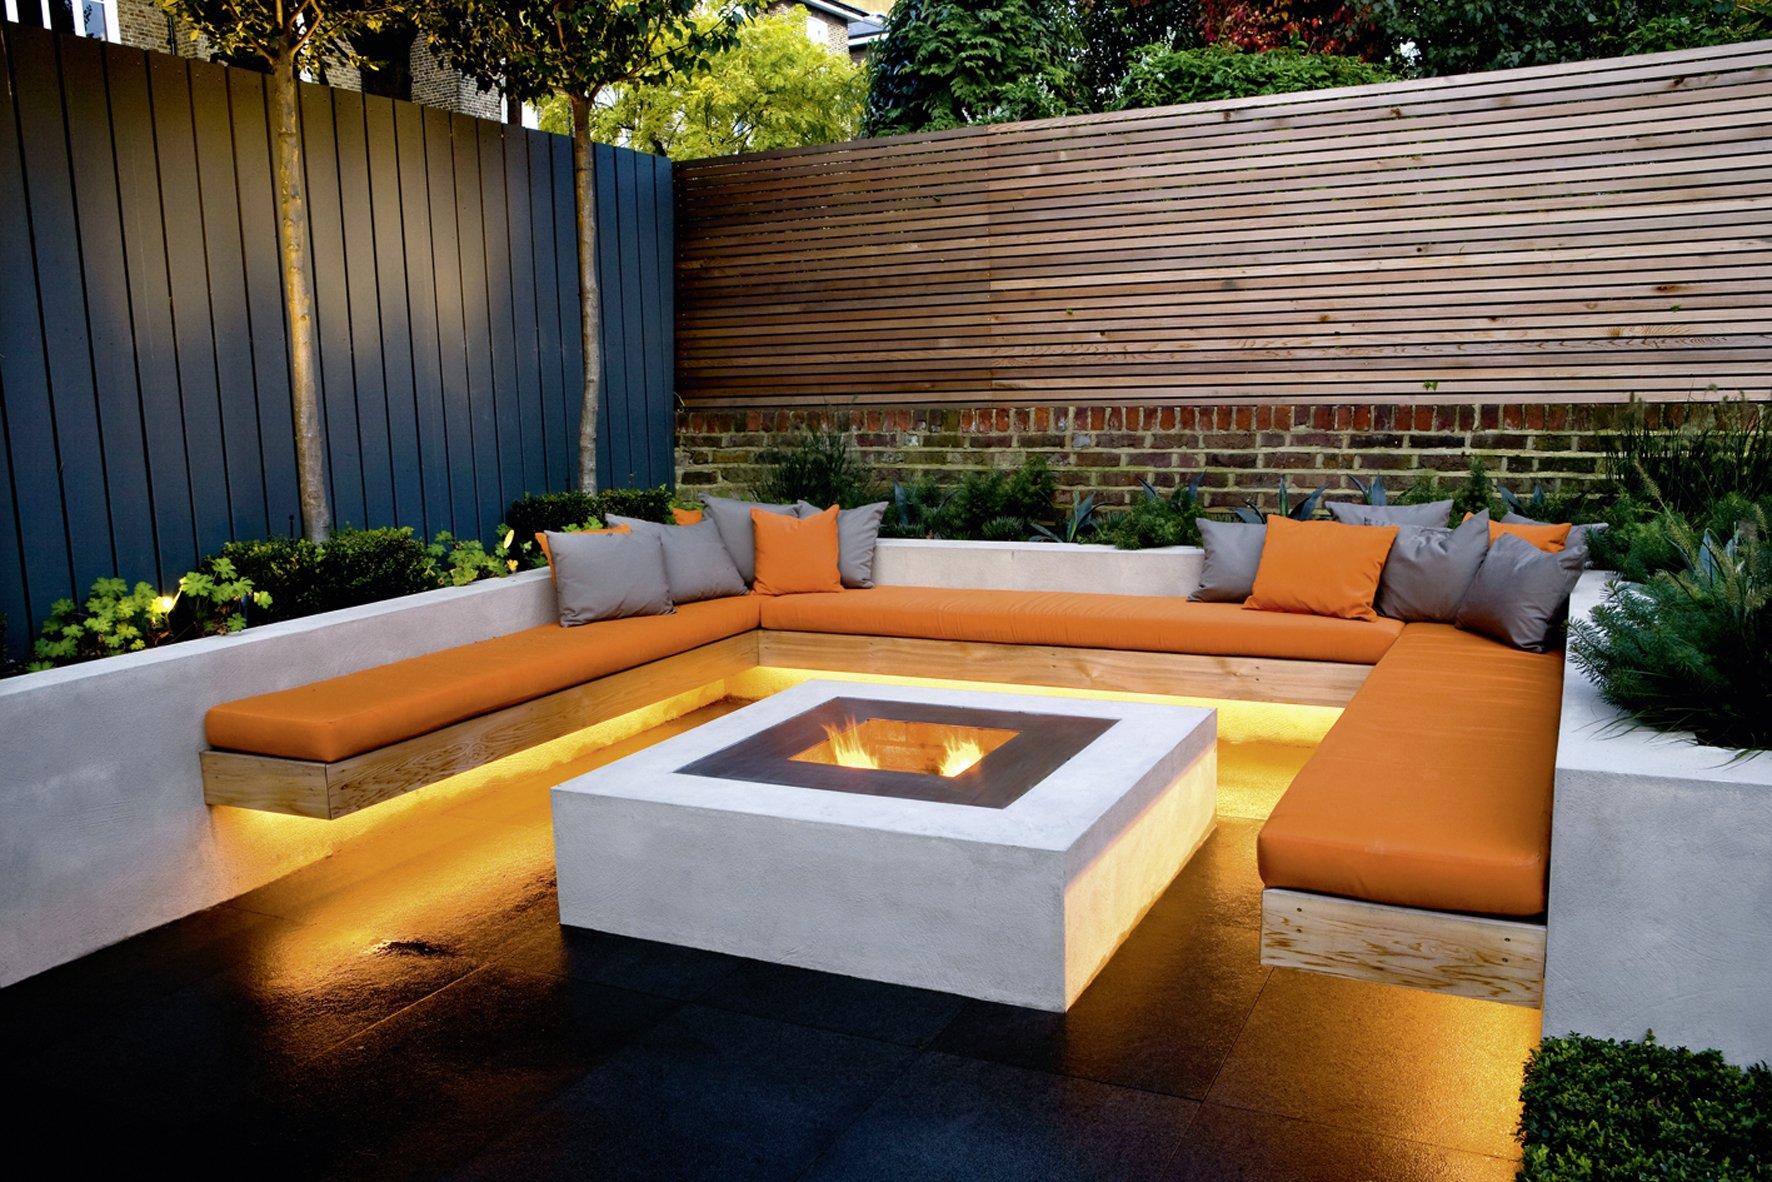 garten design. Black Bedroom Furniture Sets. Home Design Ideas